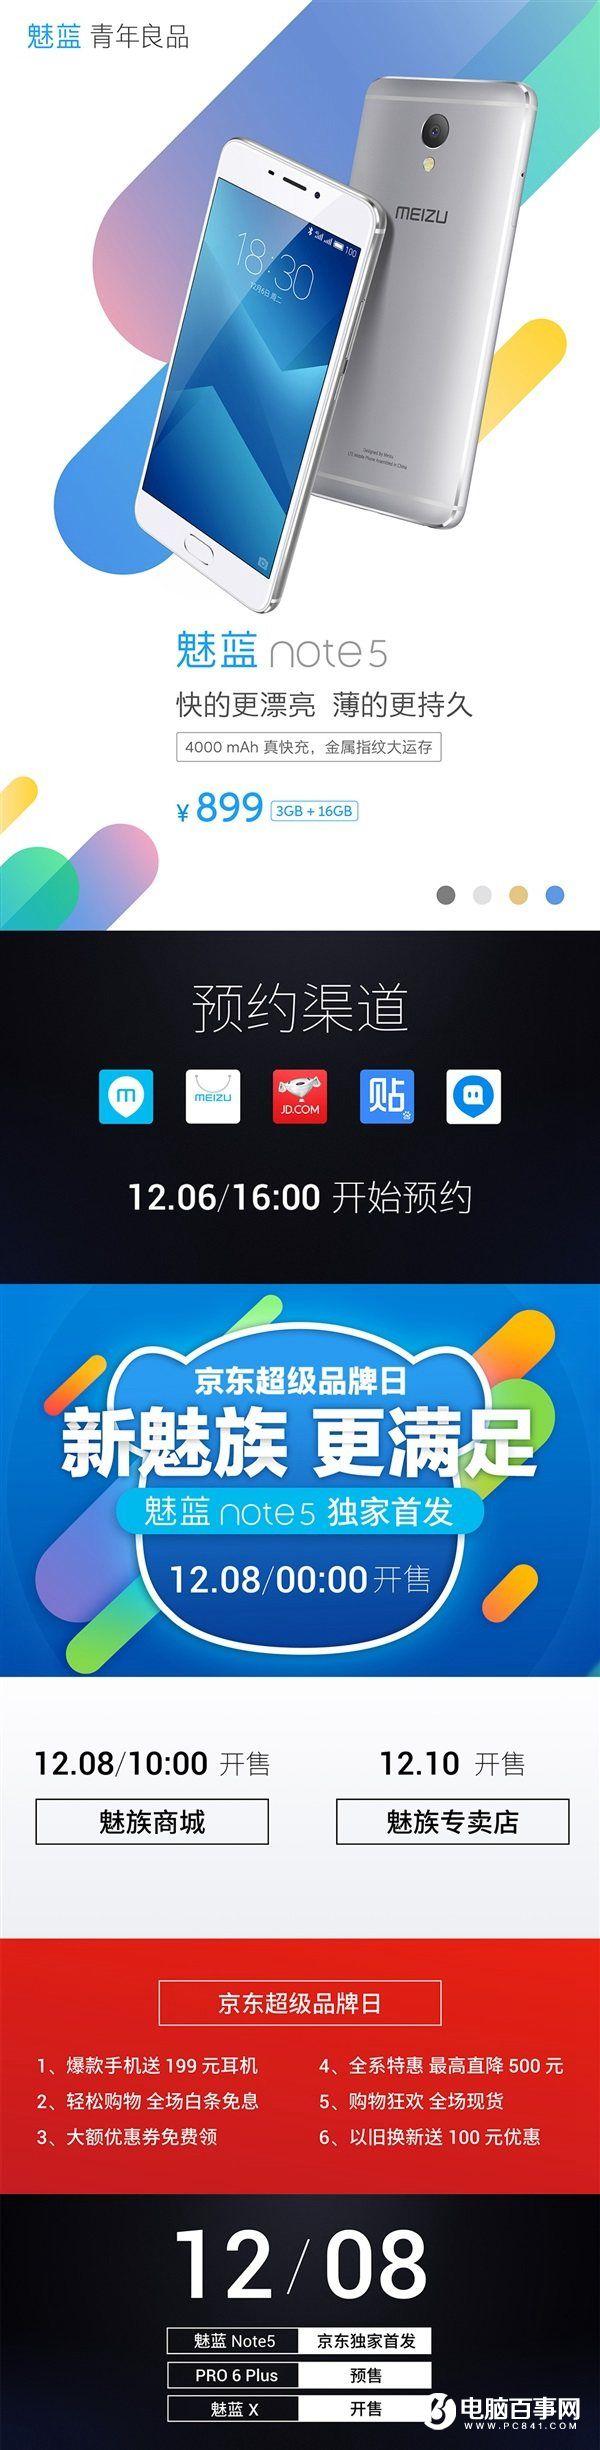 惊艳设计!魅蓝Note5与魅族手环今日开卖